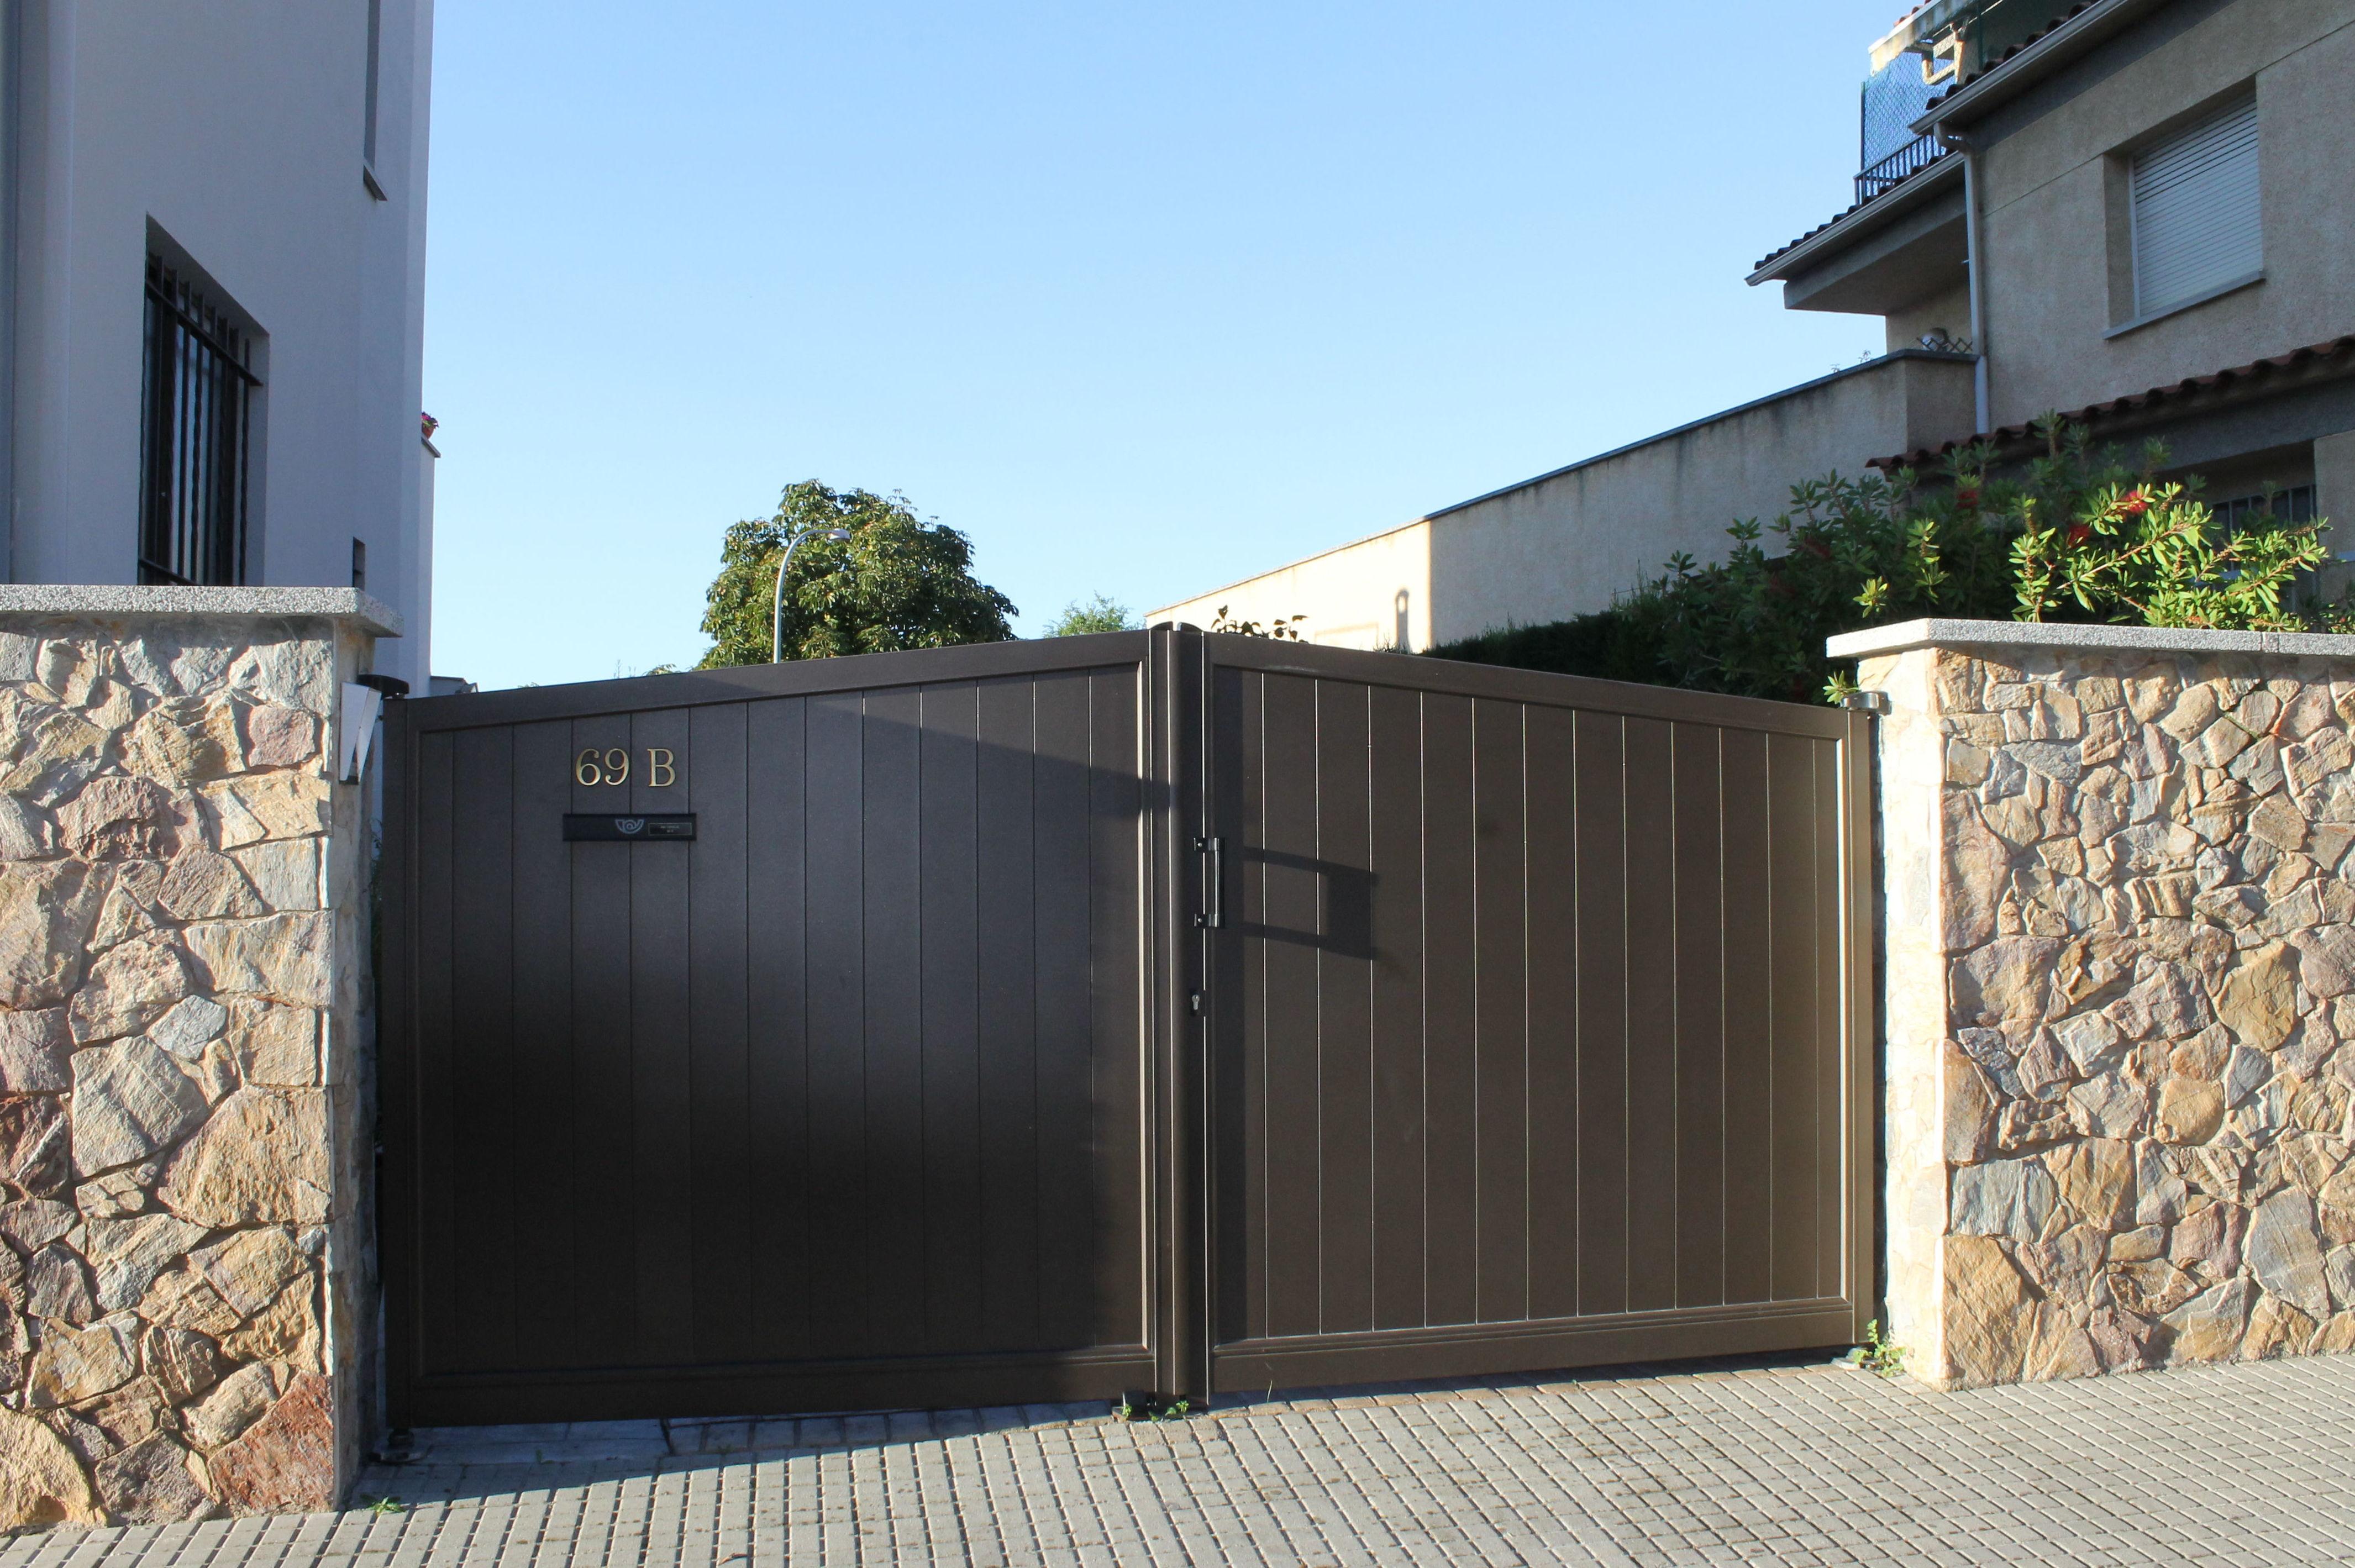 Puertas y vallas de jard n de hierro nuestros productos - Vallas jardin metalicas ...